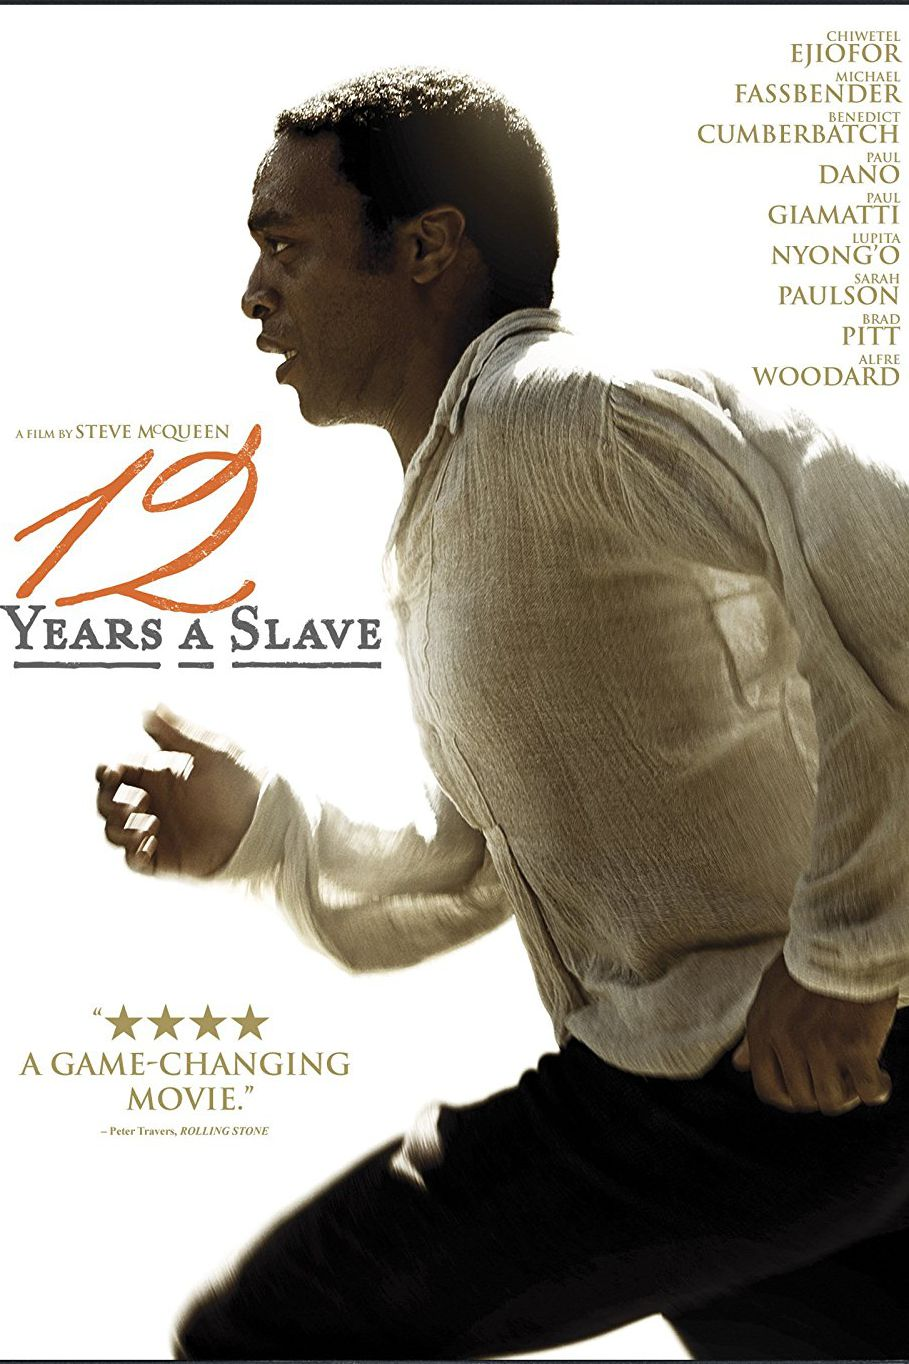 """""""12 години робство"""" (2013) История за нечувана жестокост в годините преди Гражданската война в САЩ. Разказана по мемоара """"Дванайсет години в робство"""" на Соломон Нортъп от 1853 г. - роден в свобода афроамериканец от щата Ню Йорк, който обаче е отвлечен от търговци на роби. Филмът проследява жестокостта на робовладетелите и безсилието на Нортъп пред съдебната система."""